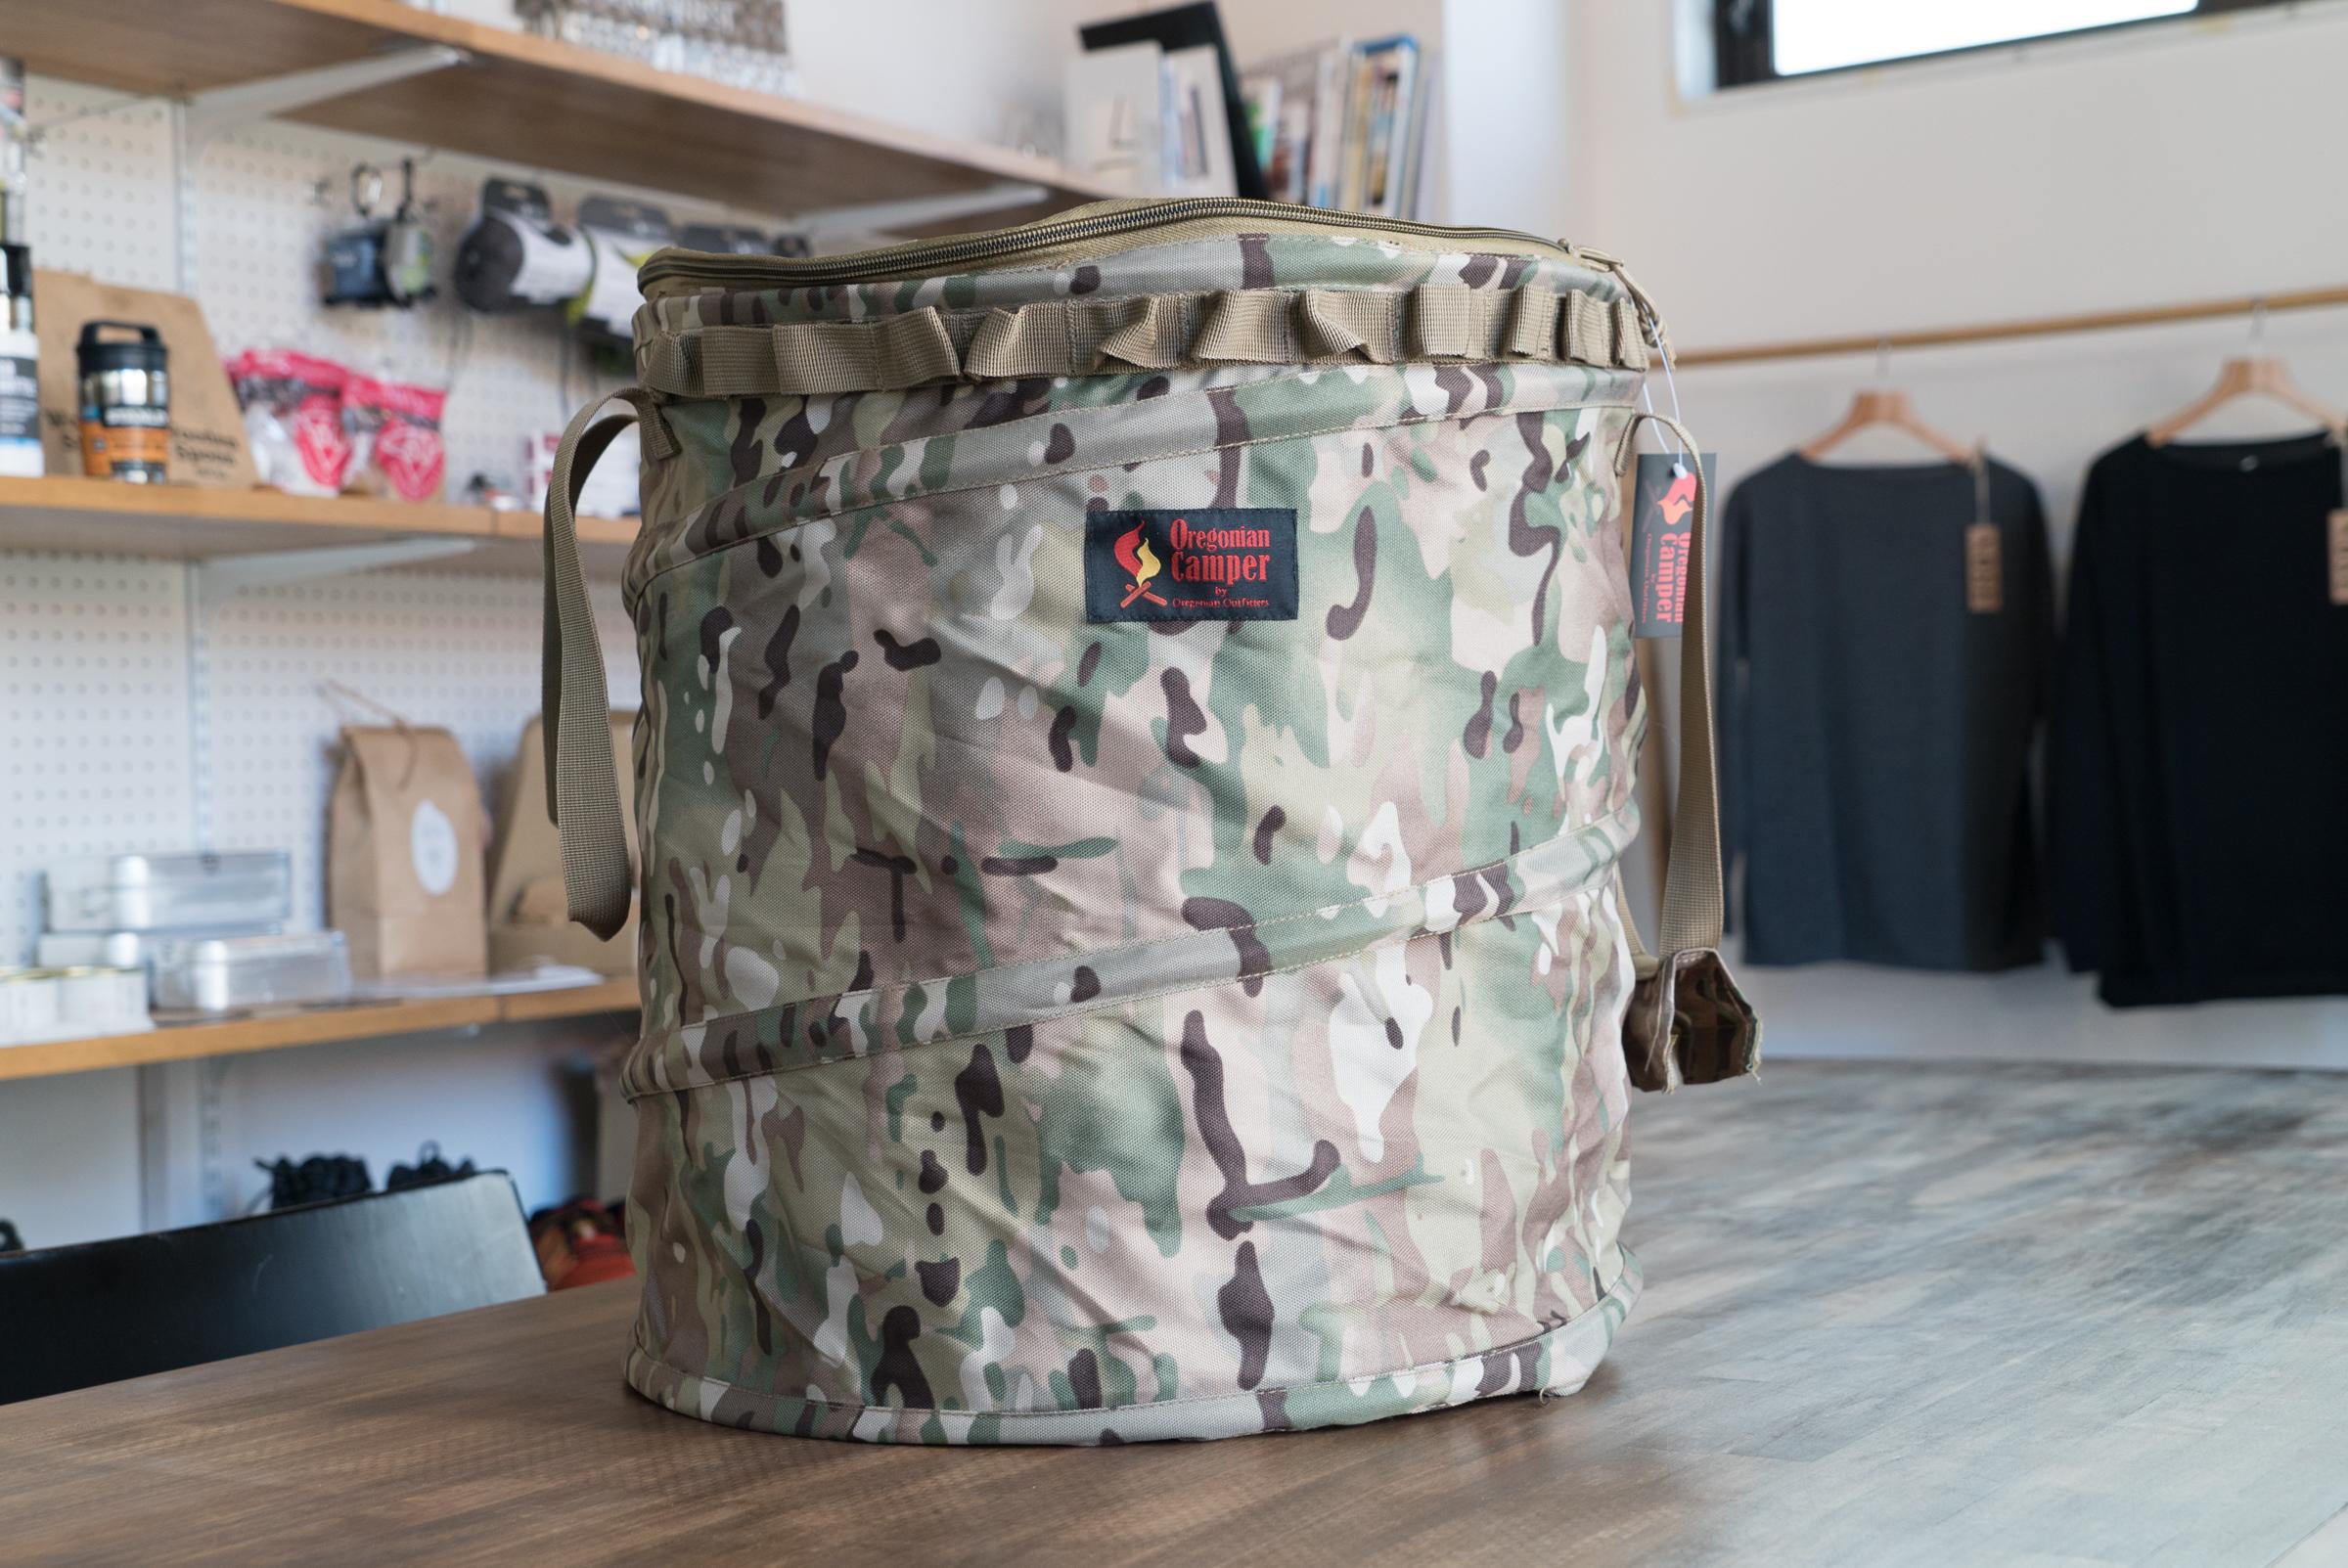 Oregonian Camper ポップアップ式ゴミ箱でキャンプのゴミをスマートにポイっ!